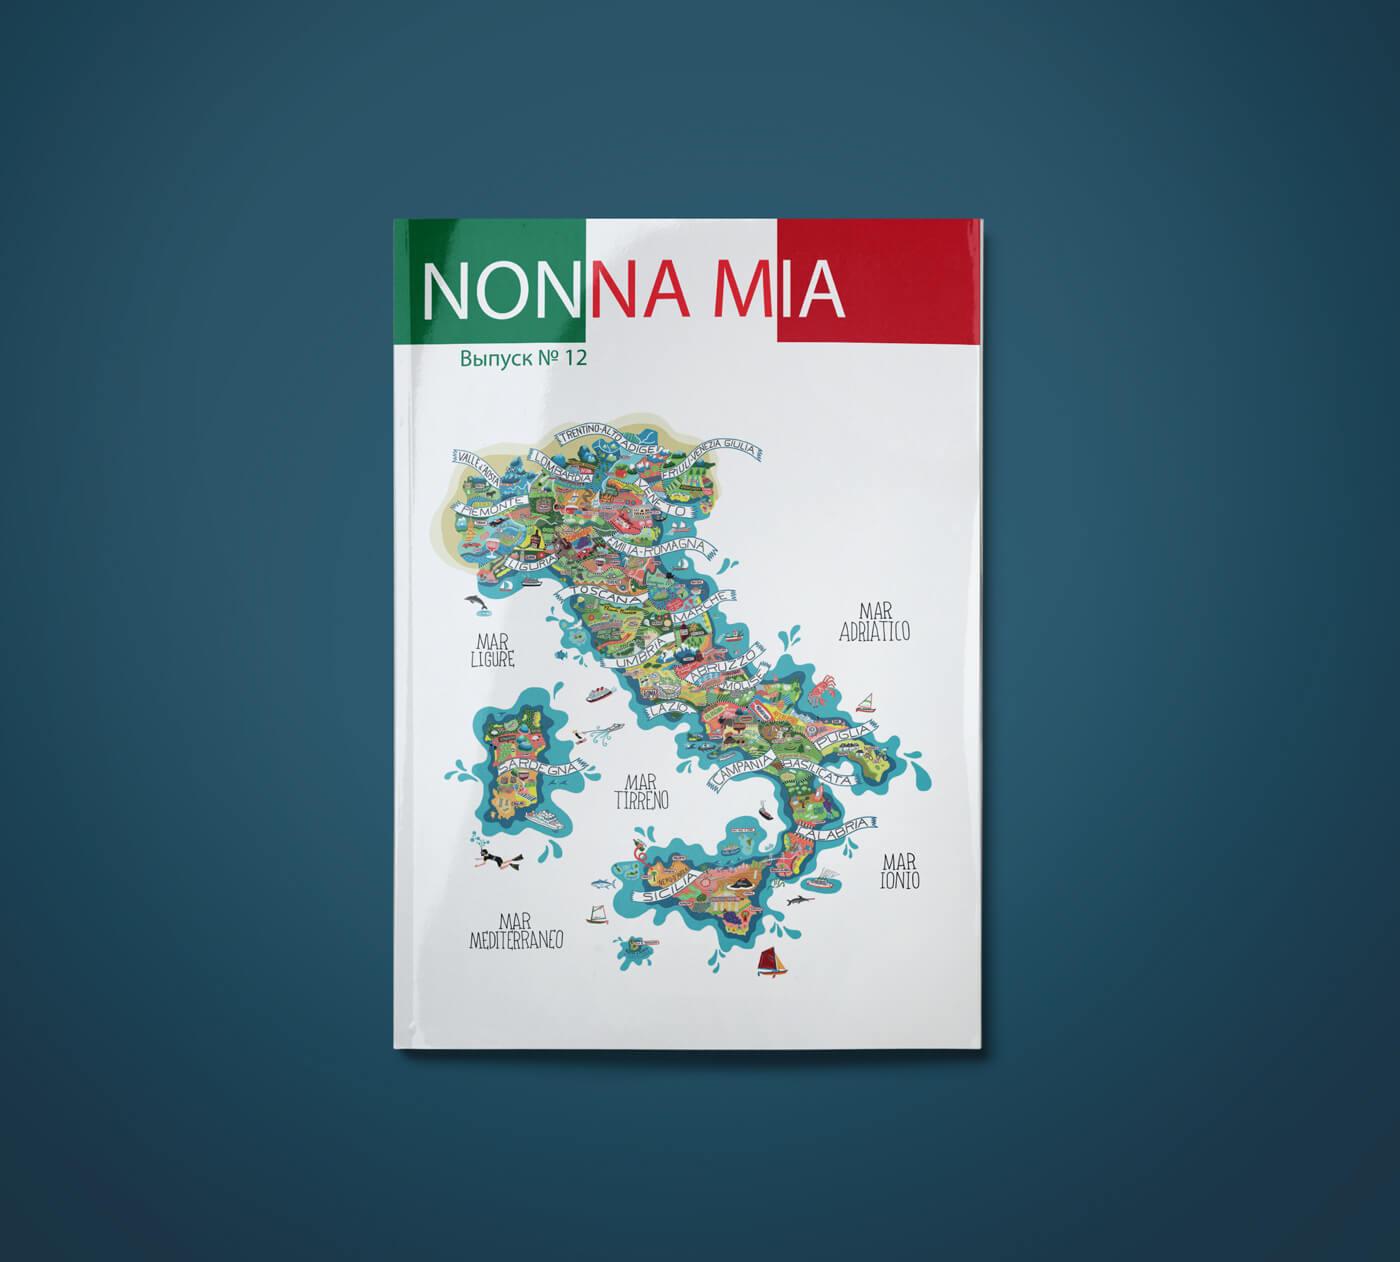 Дизайн обложки меню – выпуск 12 – Итальянский ресторан «Нонна Миа»